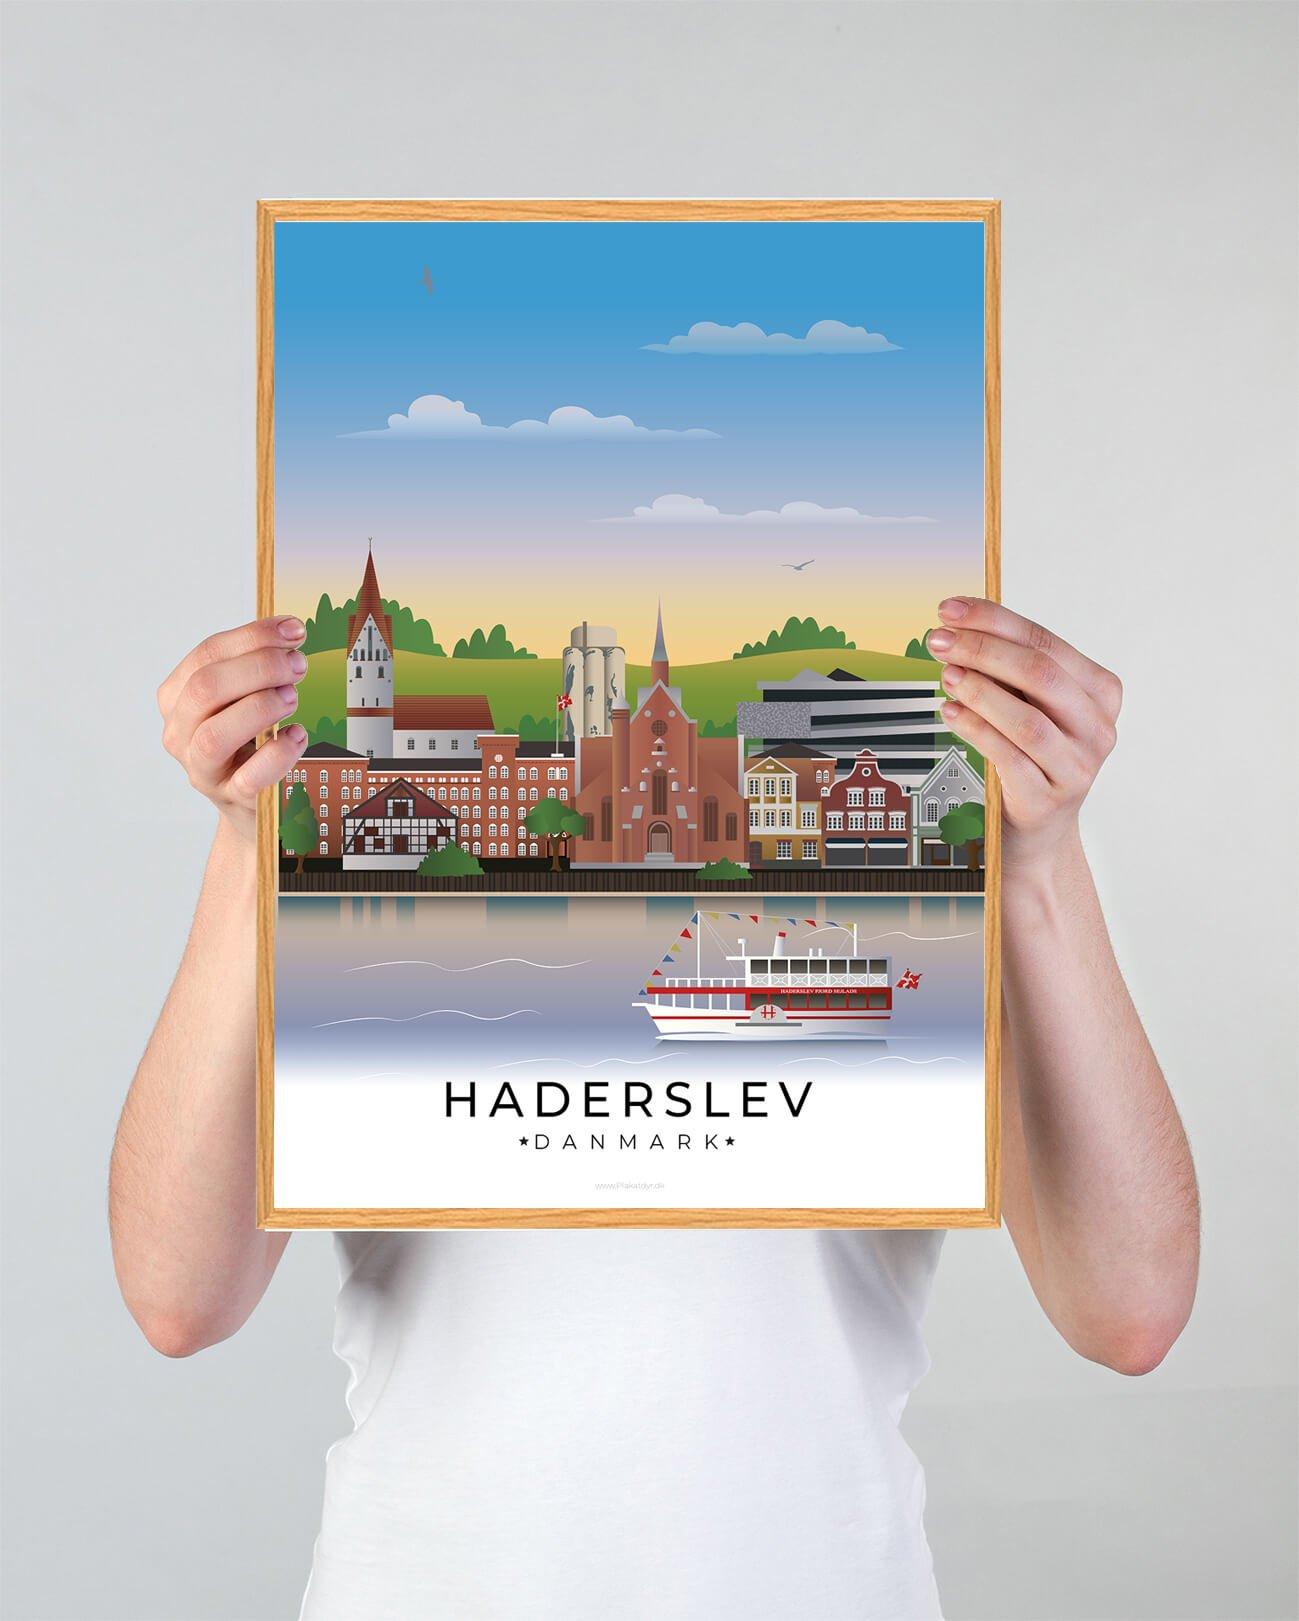 Haderslev-plakat-boligen-3